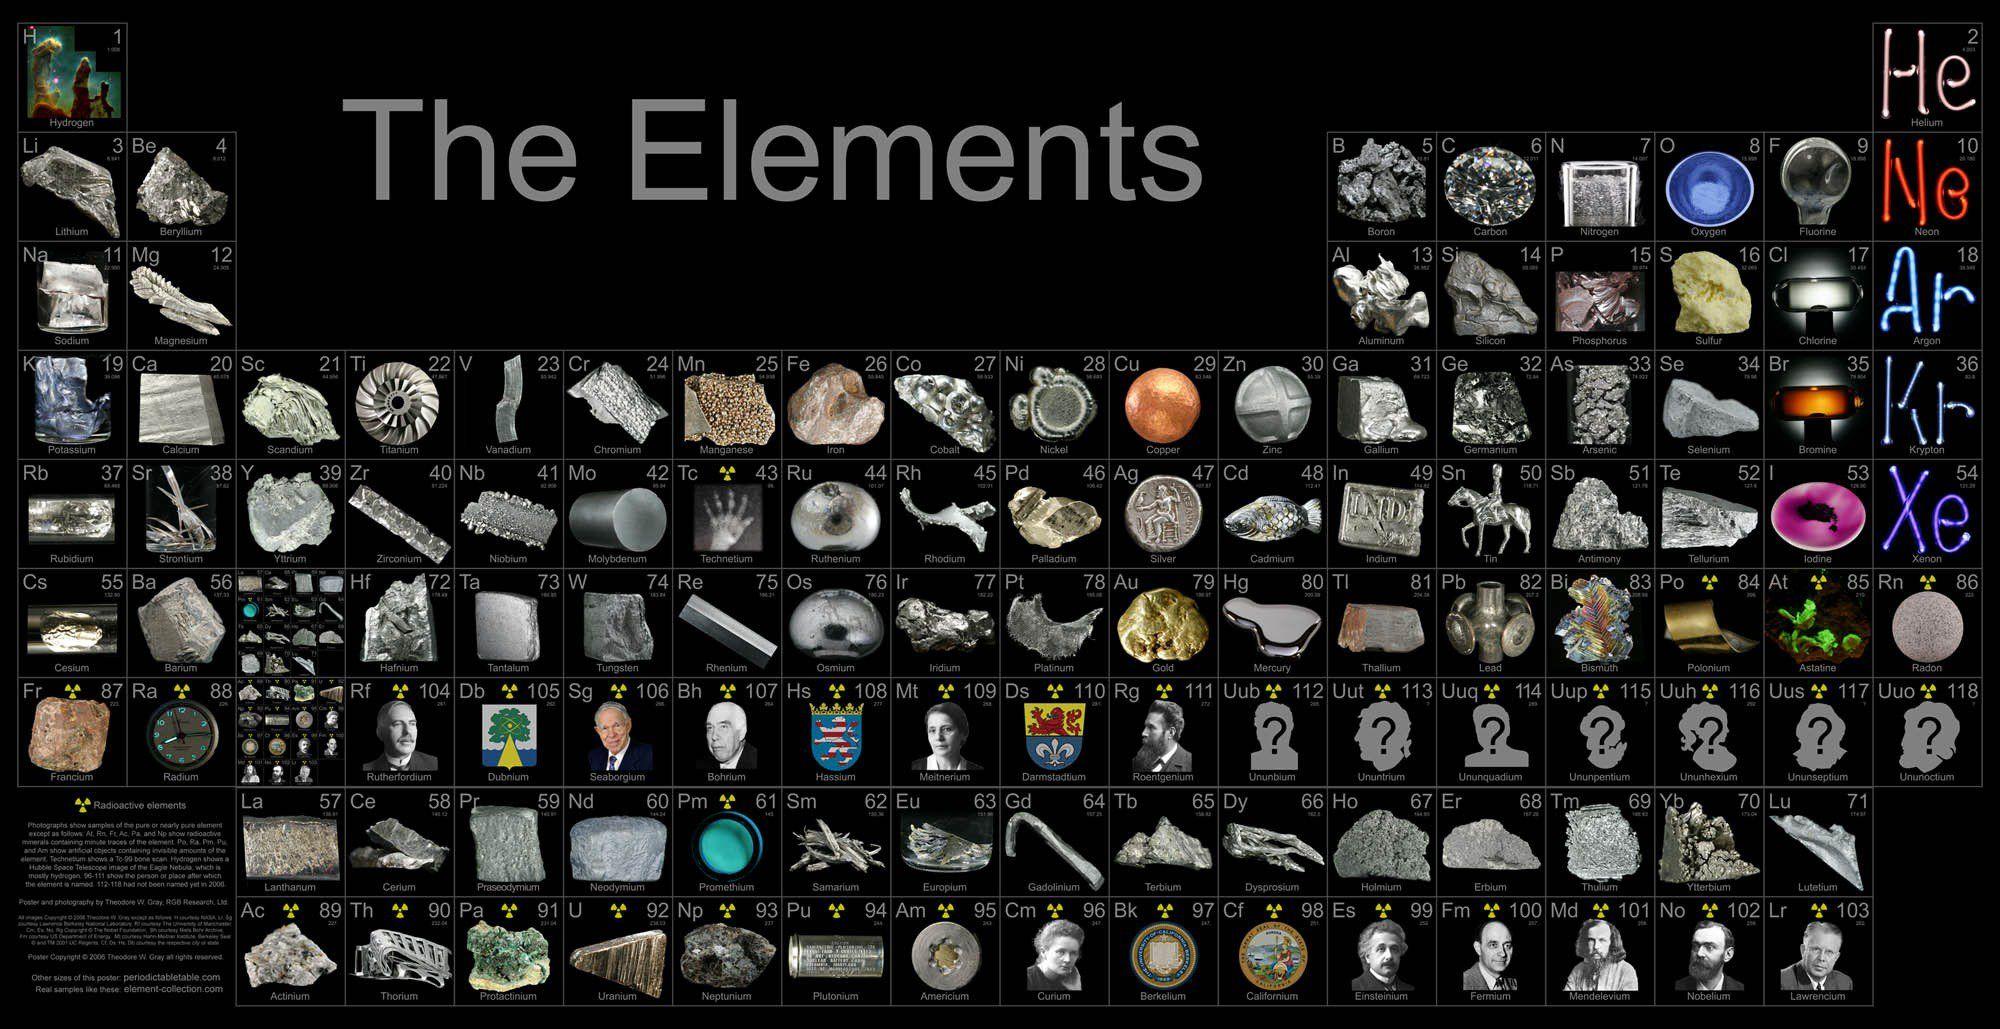 Elementos de la tabla peridica uno por uno parte 1 elementos elementos de la tabla peridica uno por uno parte 1 taringa urtaz Image collections